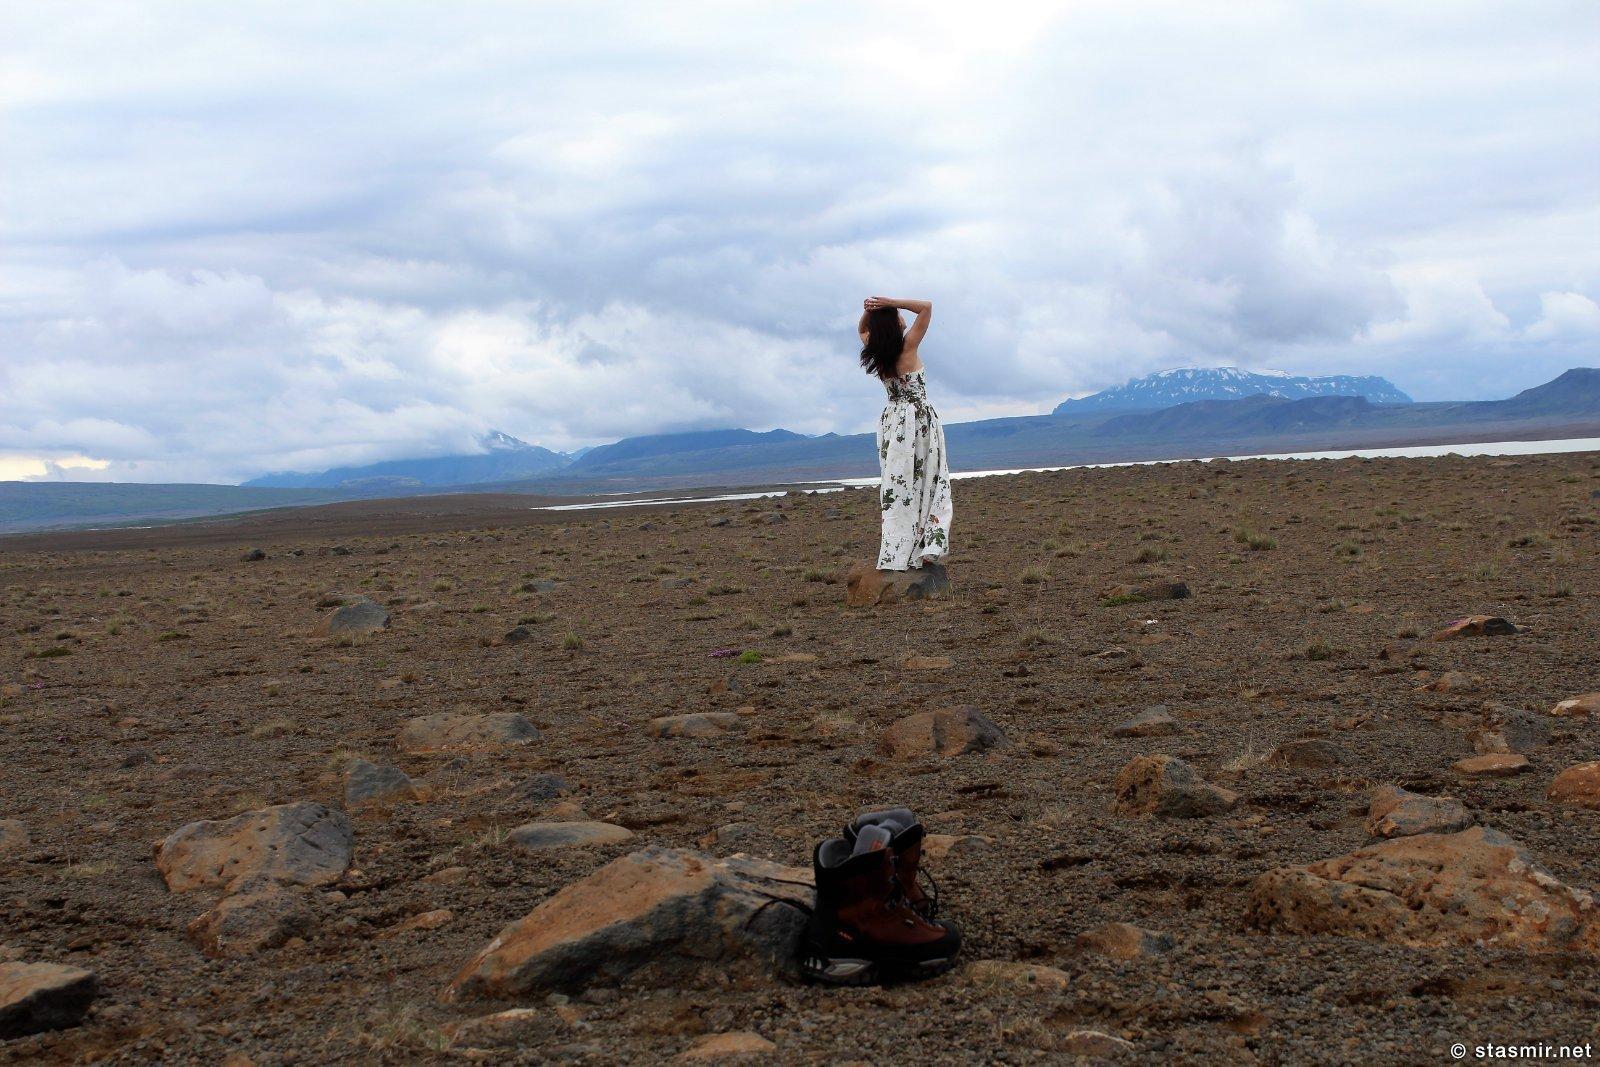 исландское высокогорье, фото Стасмир, photo Stasmir